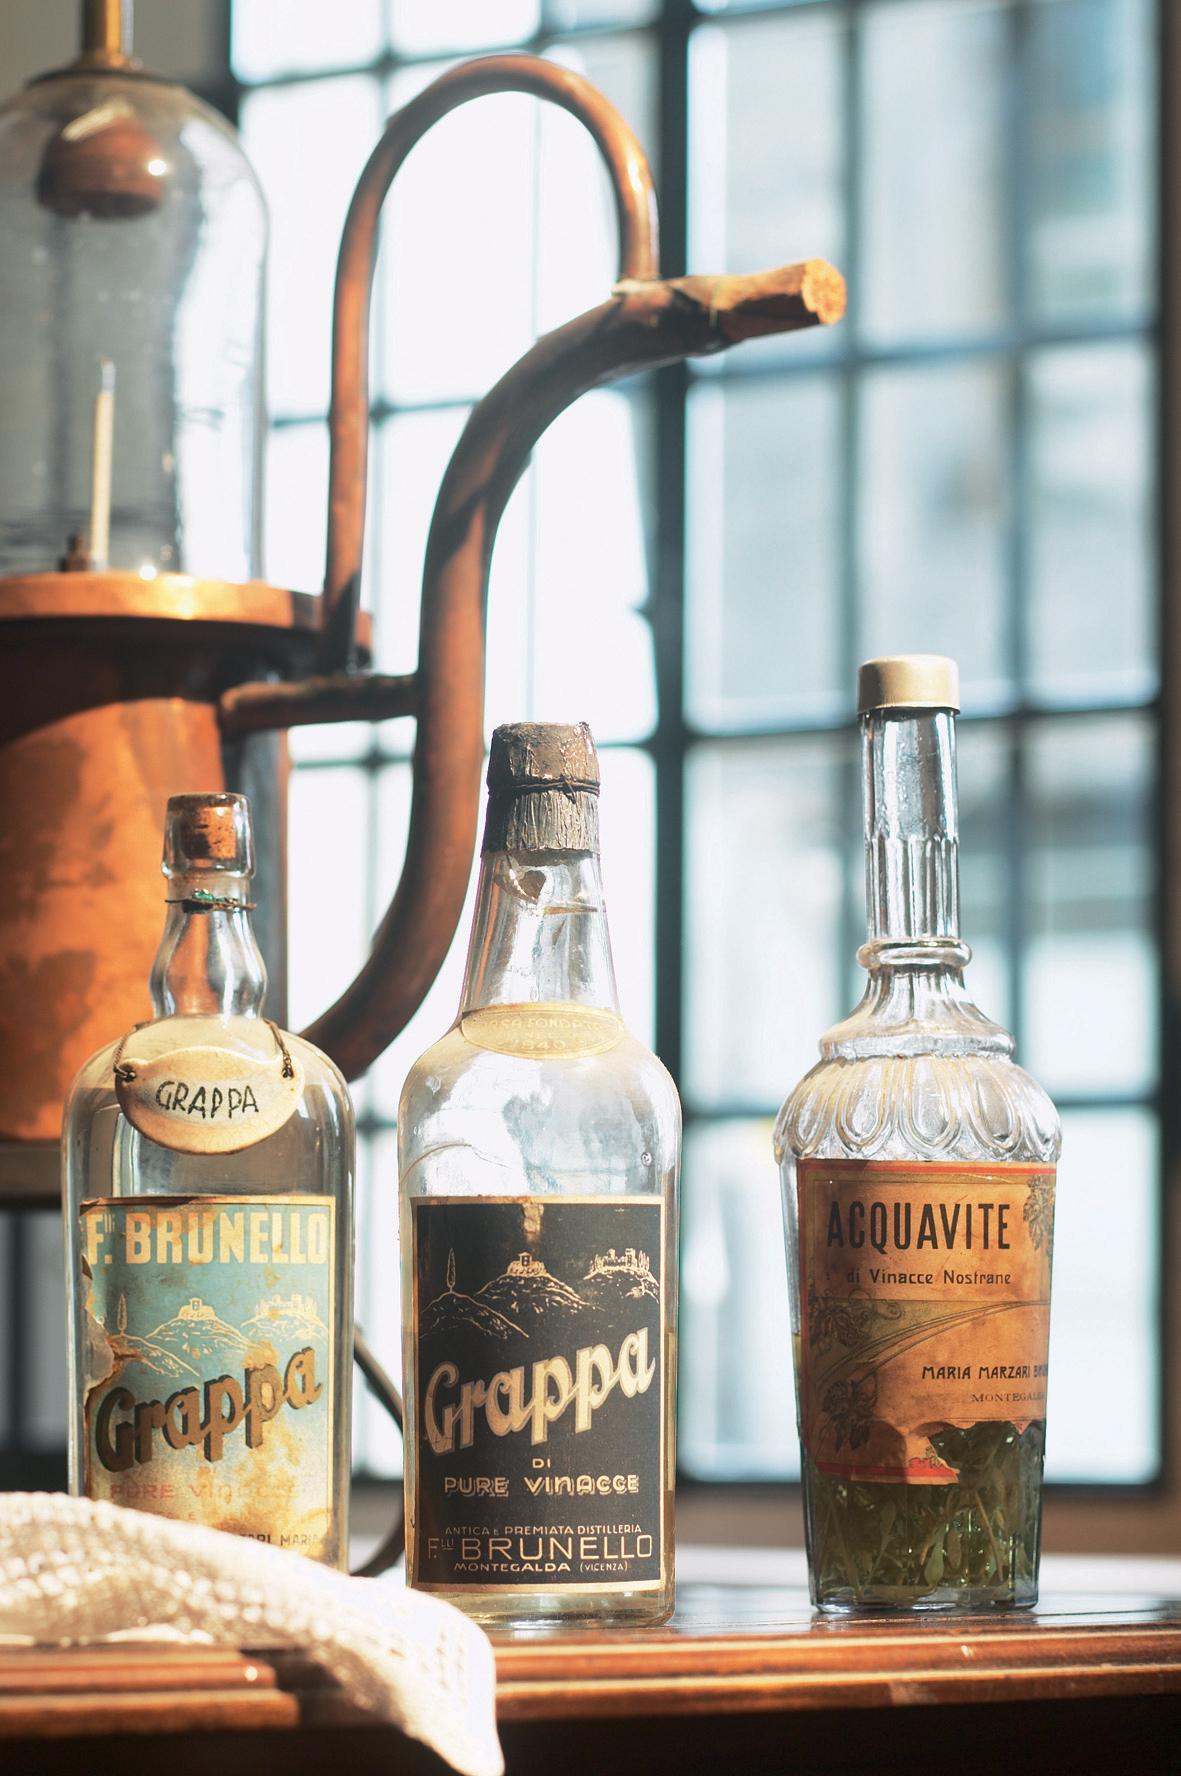 Fratelli Brunello, bottiglie storiche